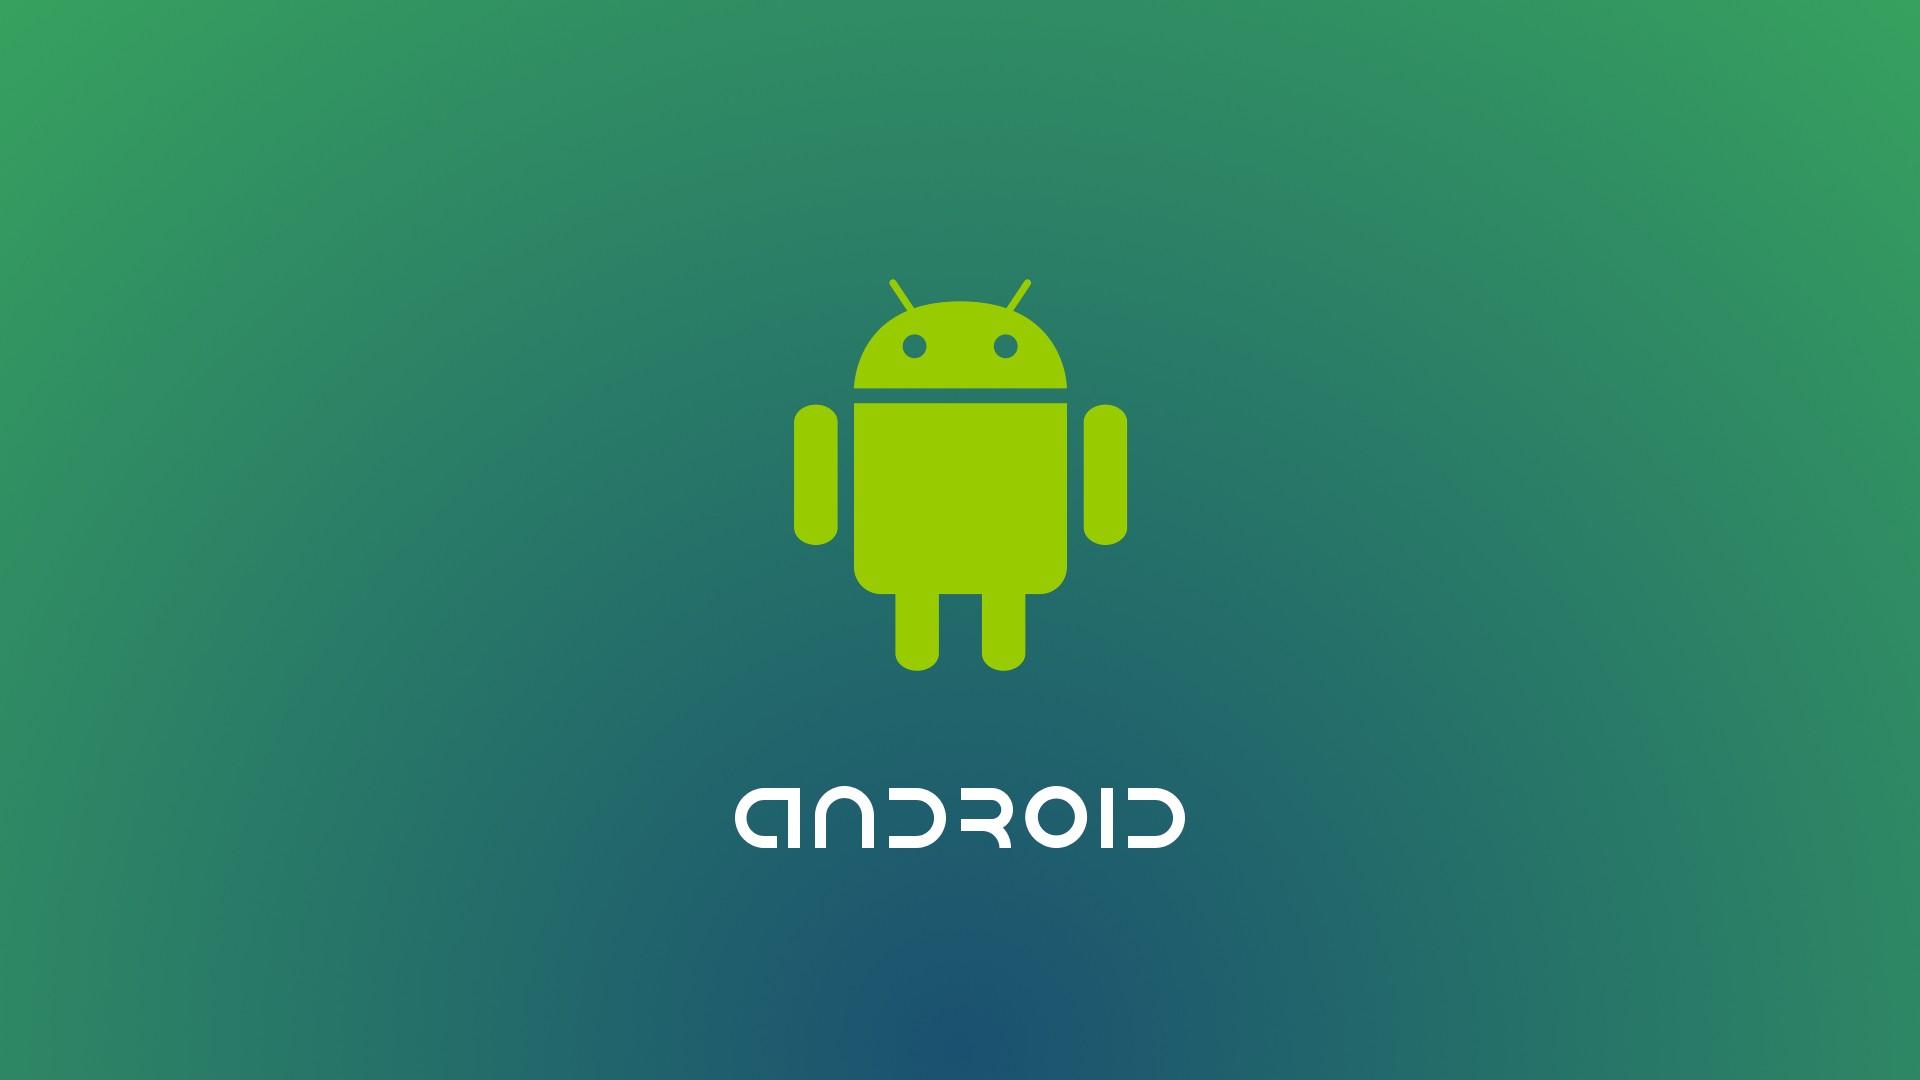 İsmi, Kökeni ve Daha Fazlası ile Android Tarihi